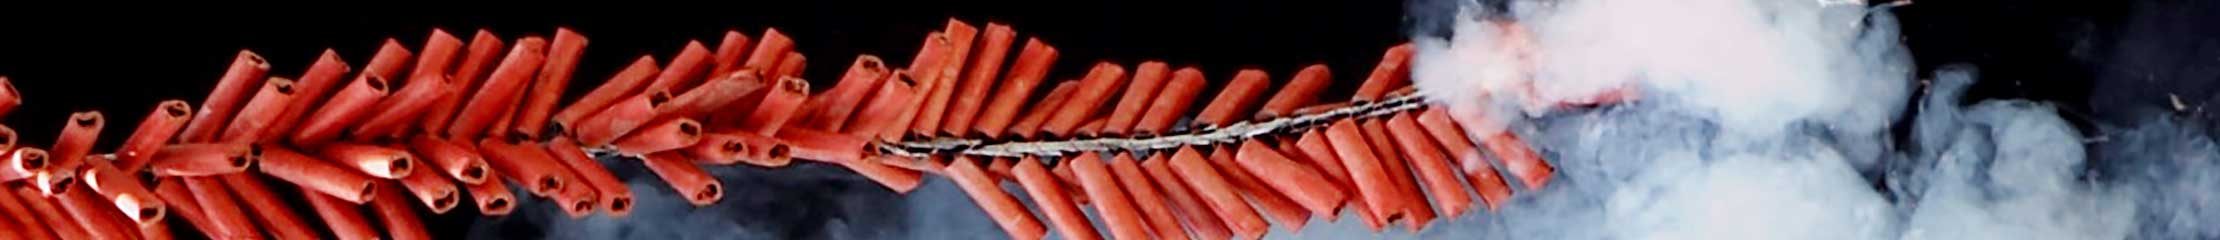 knalvuurwerk belgie nitraten cobra knalmat knalcake rotjes strijkers de hardste knallers van belgie